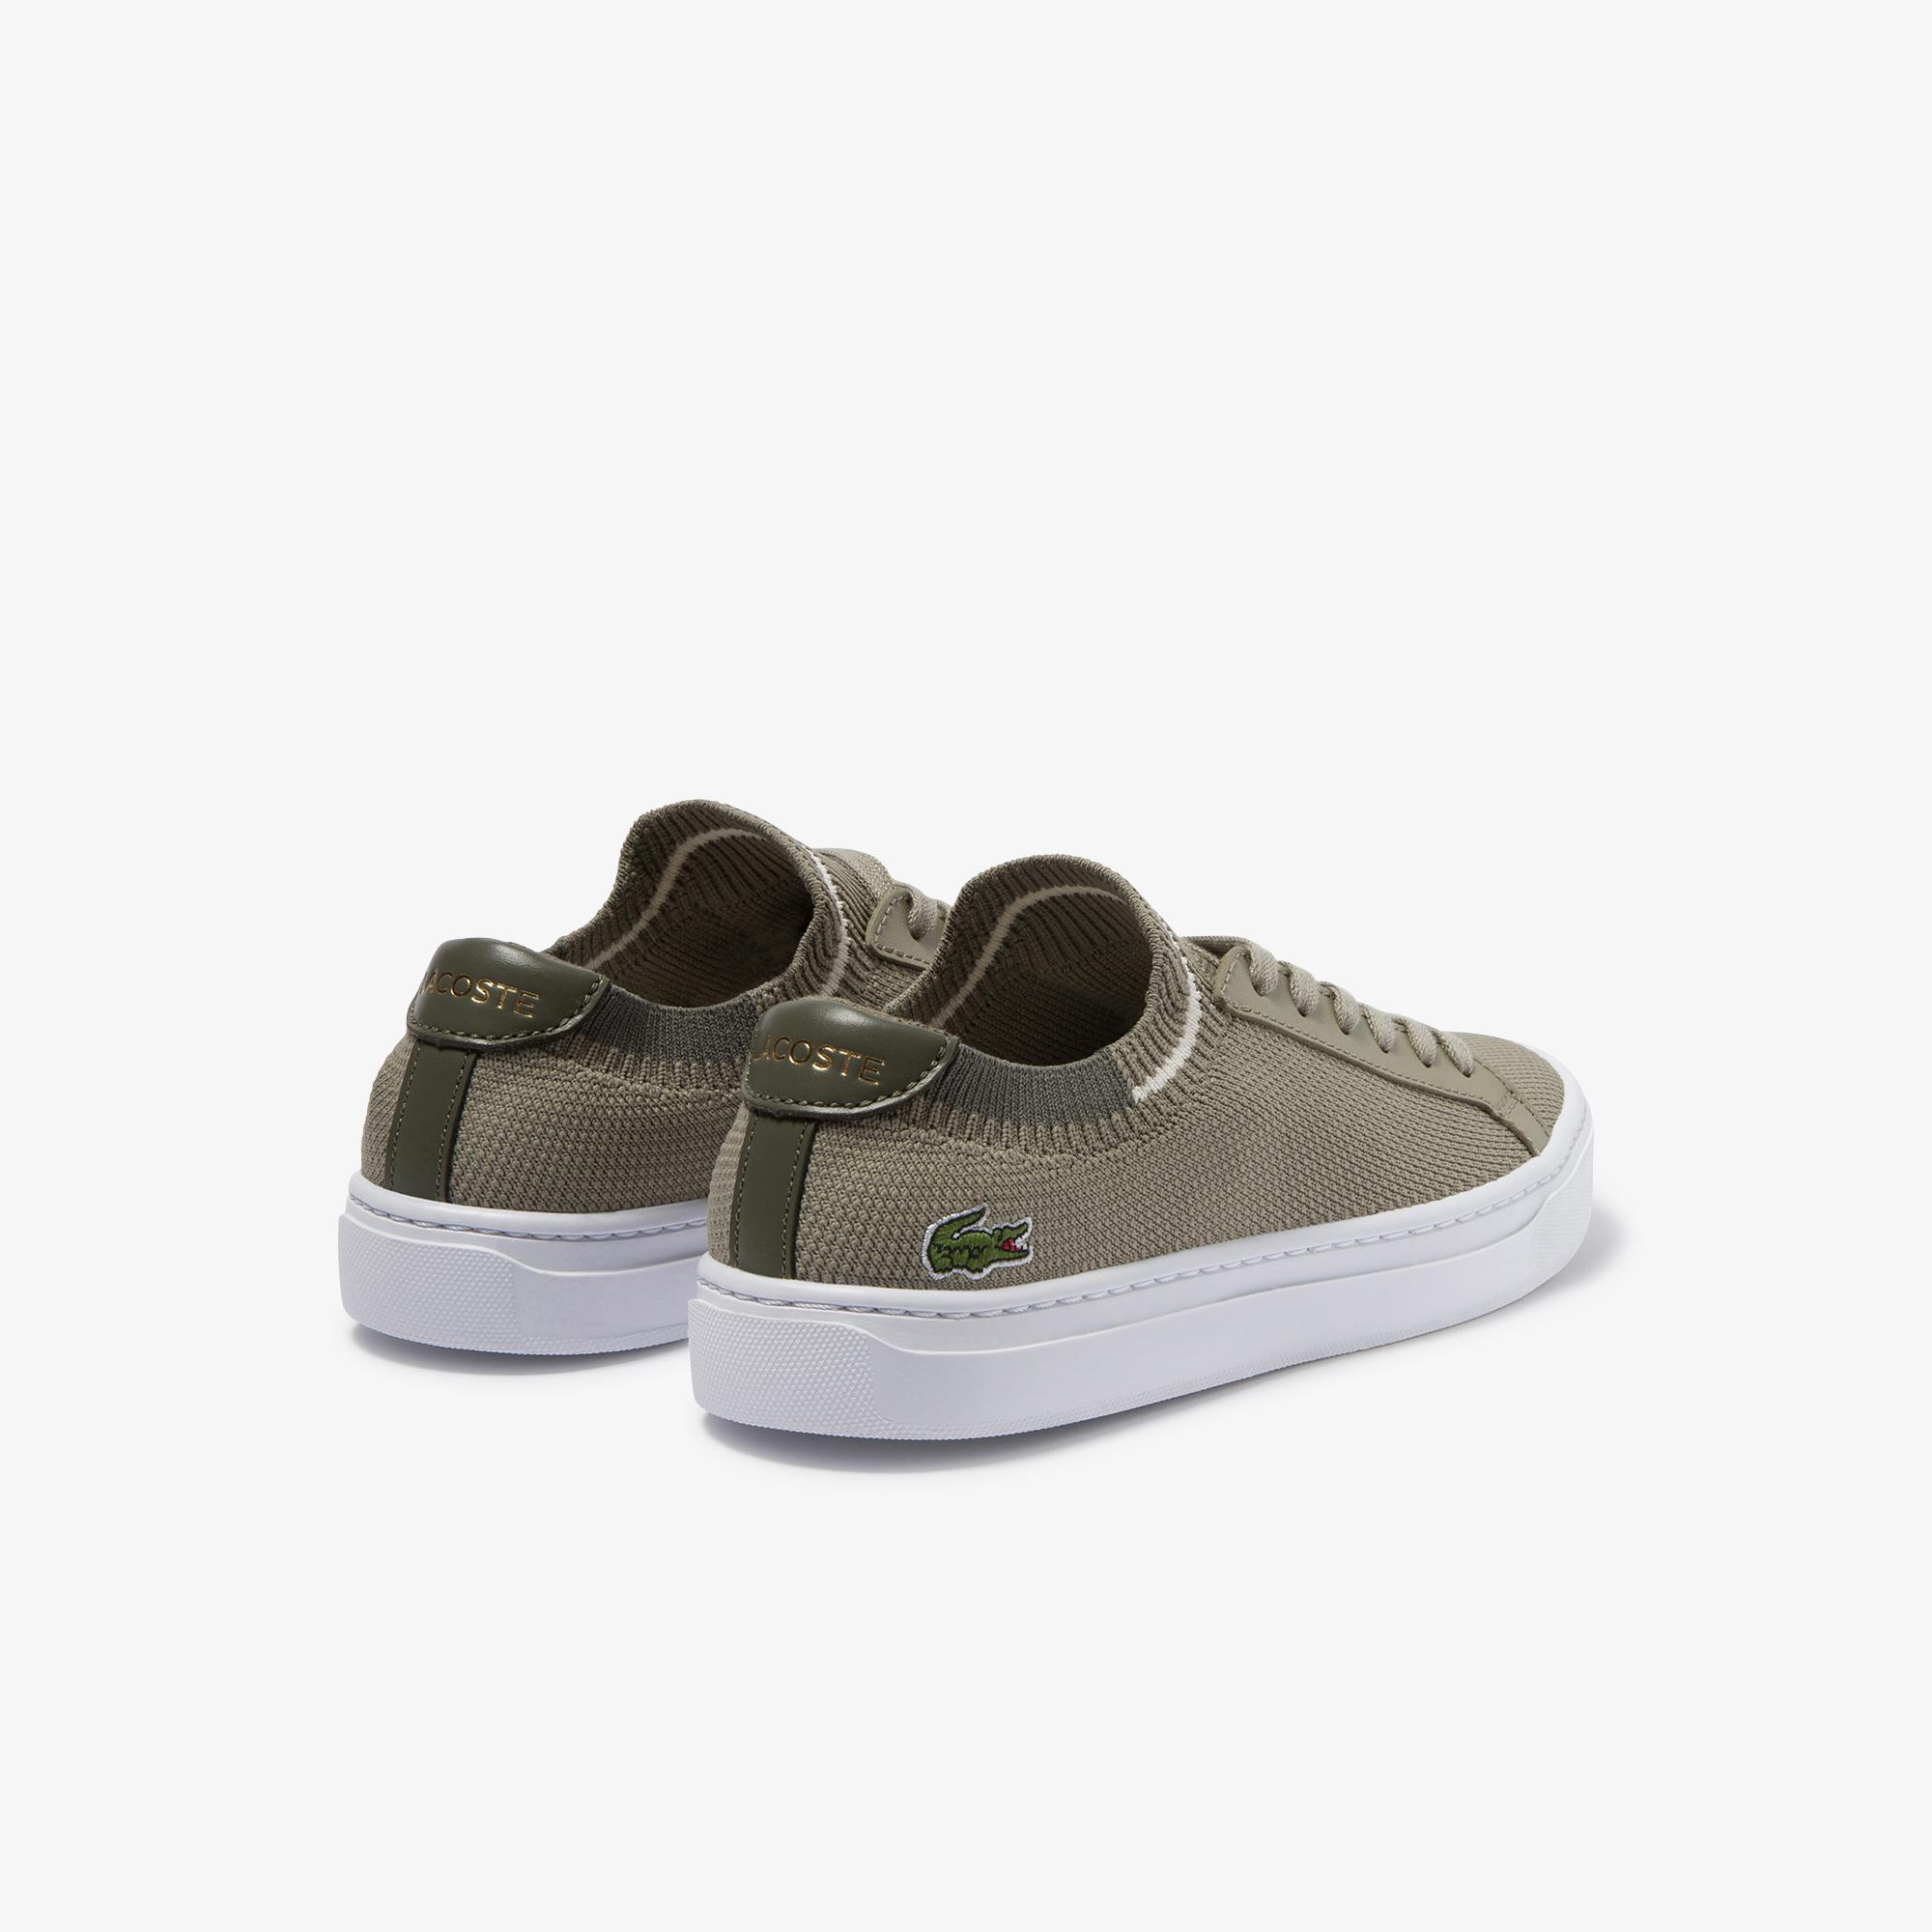 Lacoste La Piquee 120 2 Cfa Kadın Haki Sneaker